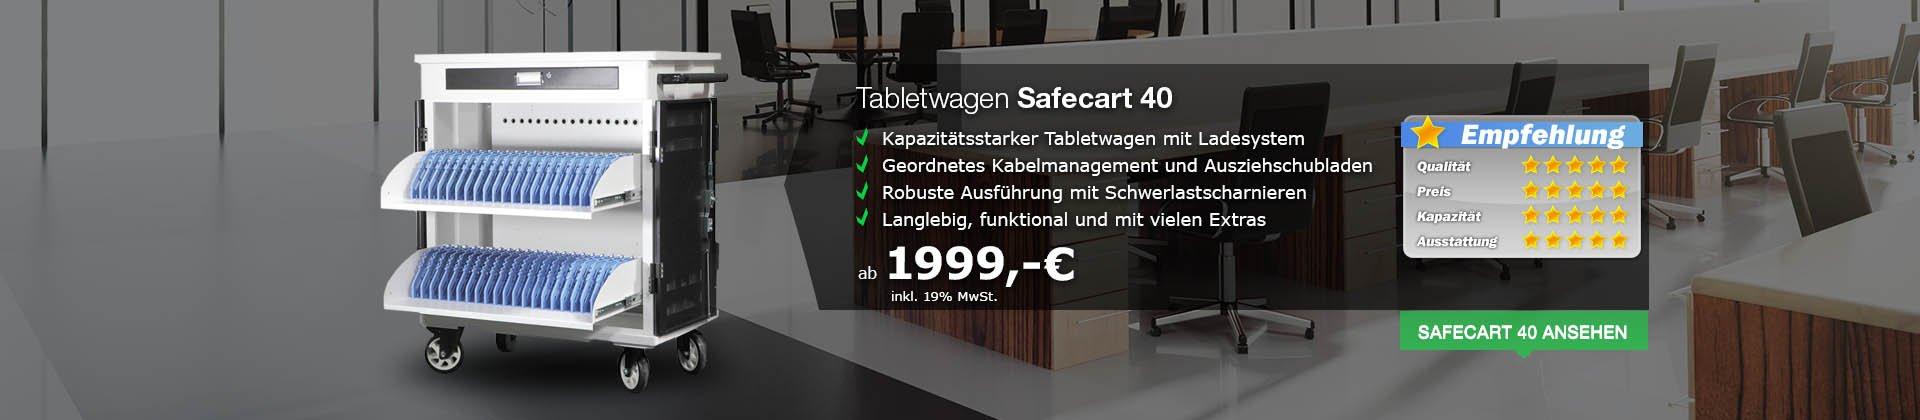 Tabletwagen Safecart 40 - Schnelles Aufladen von bis zu 40 Tablets